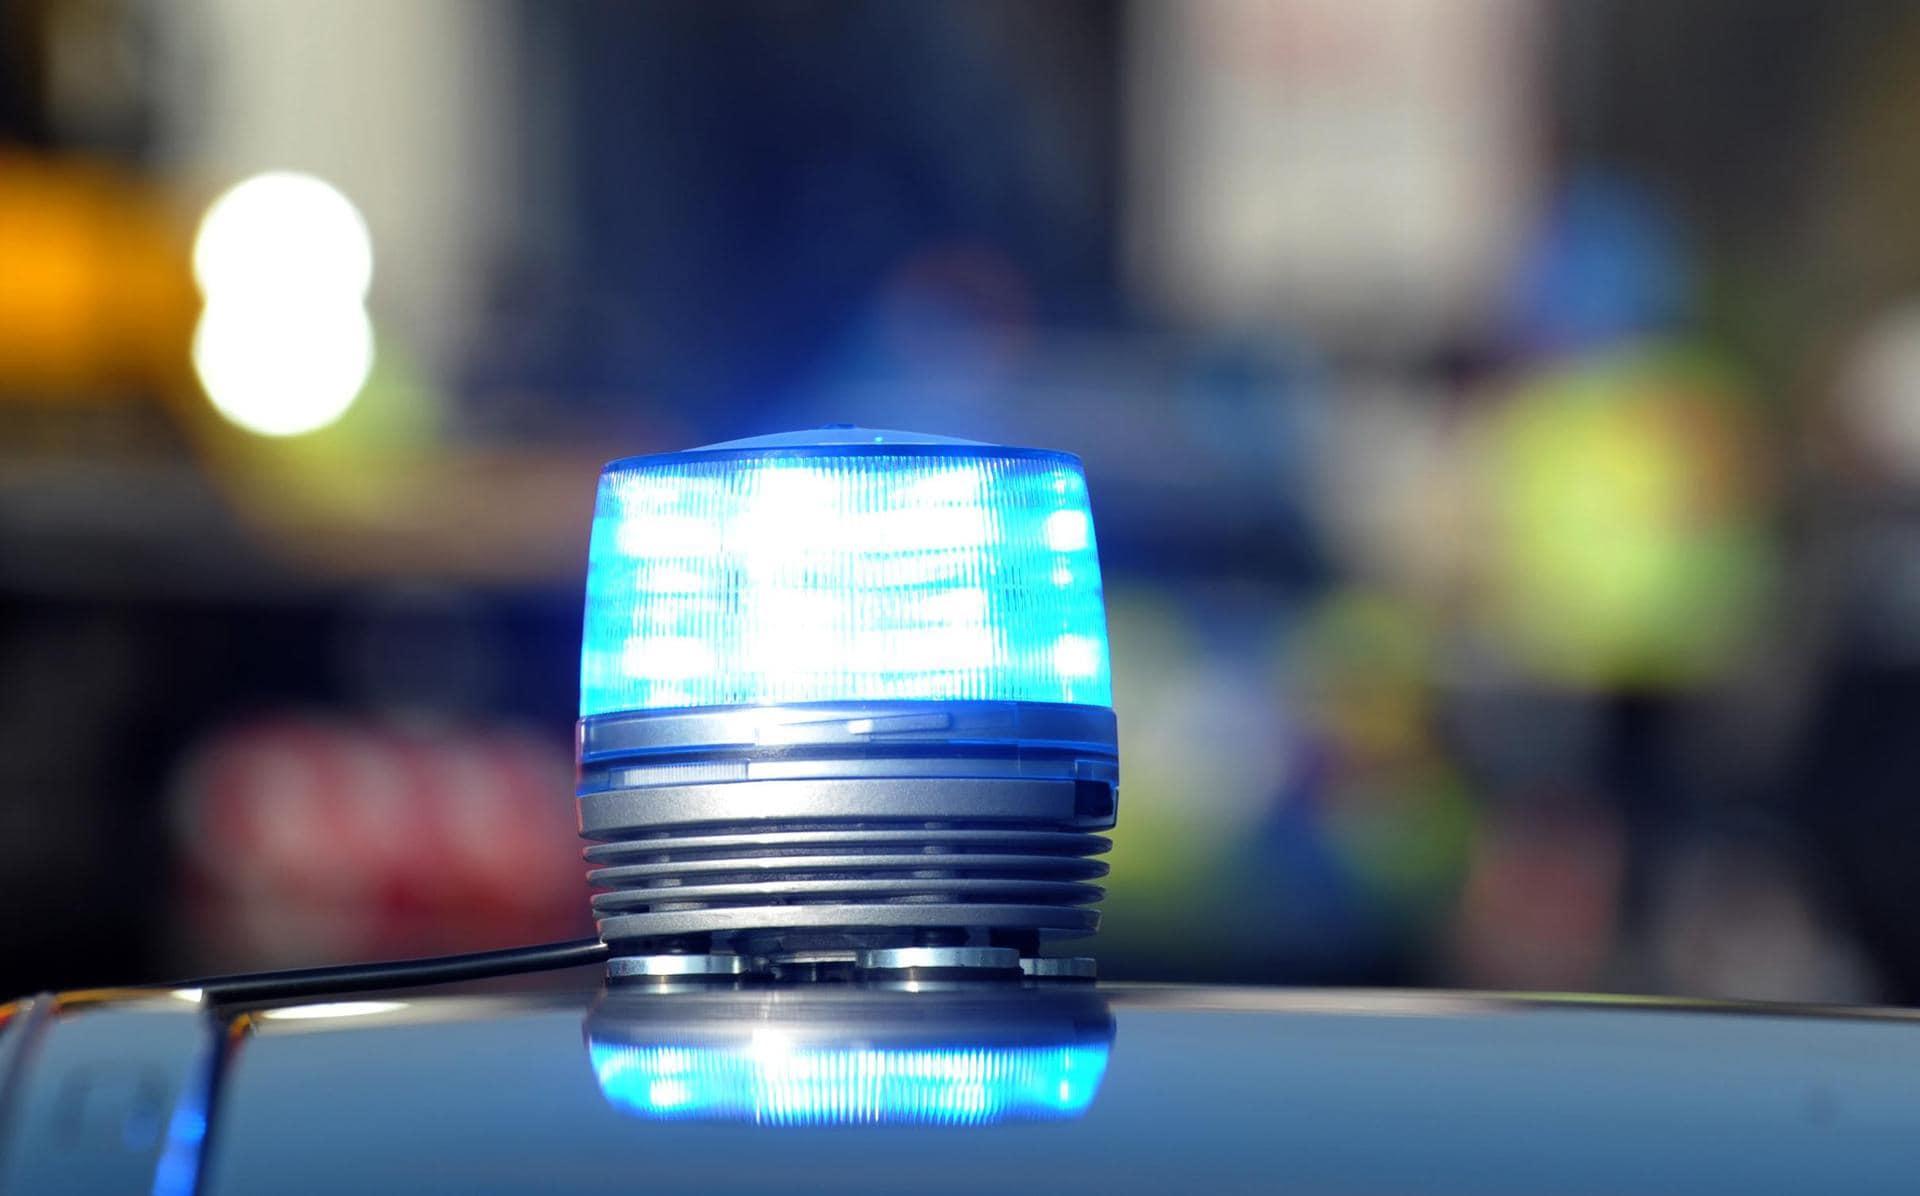 Oberpfalz: Mutter stößt zwei Kinder aus Fenster Beide verletzt